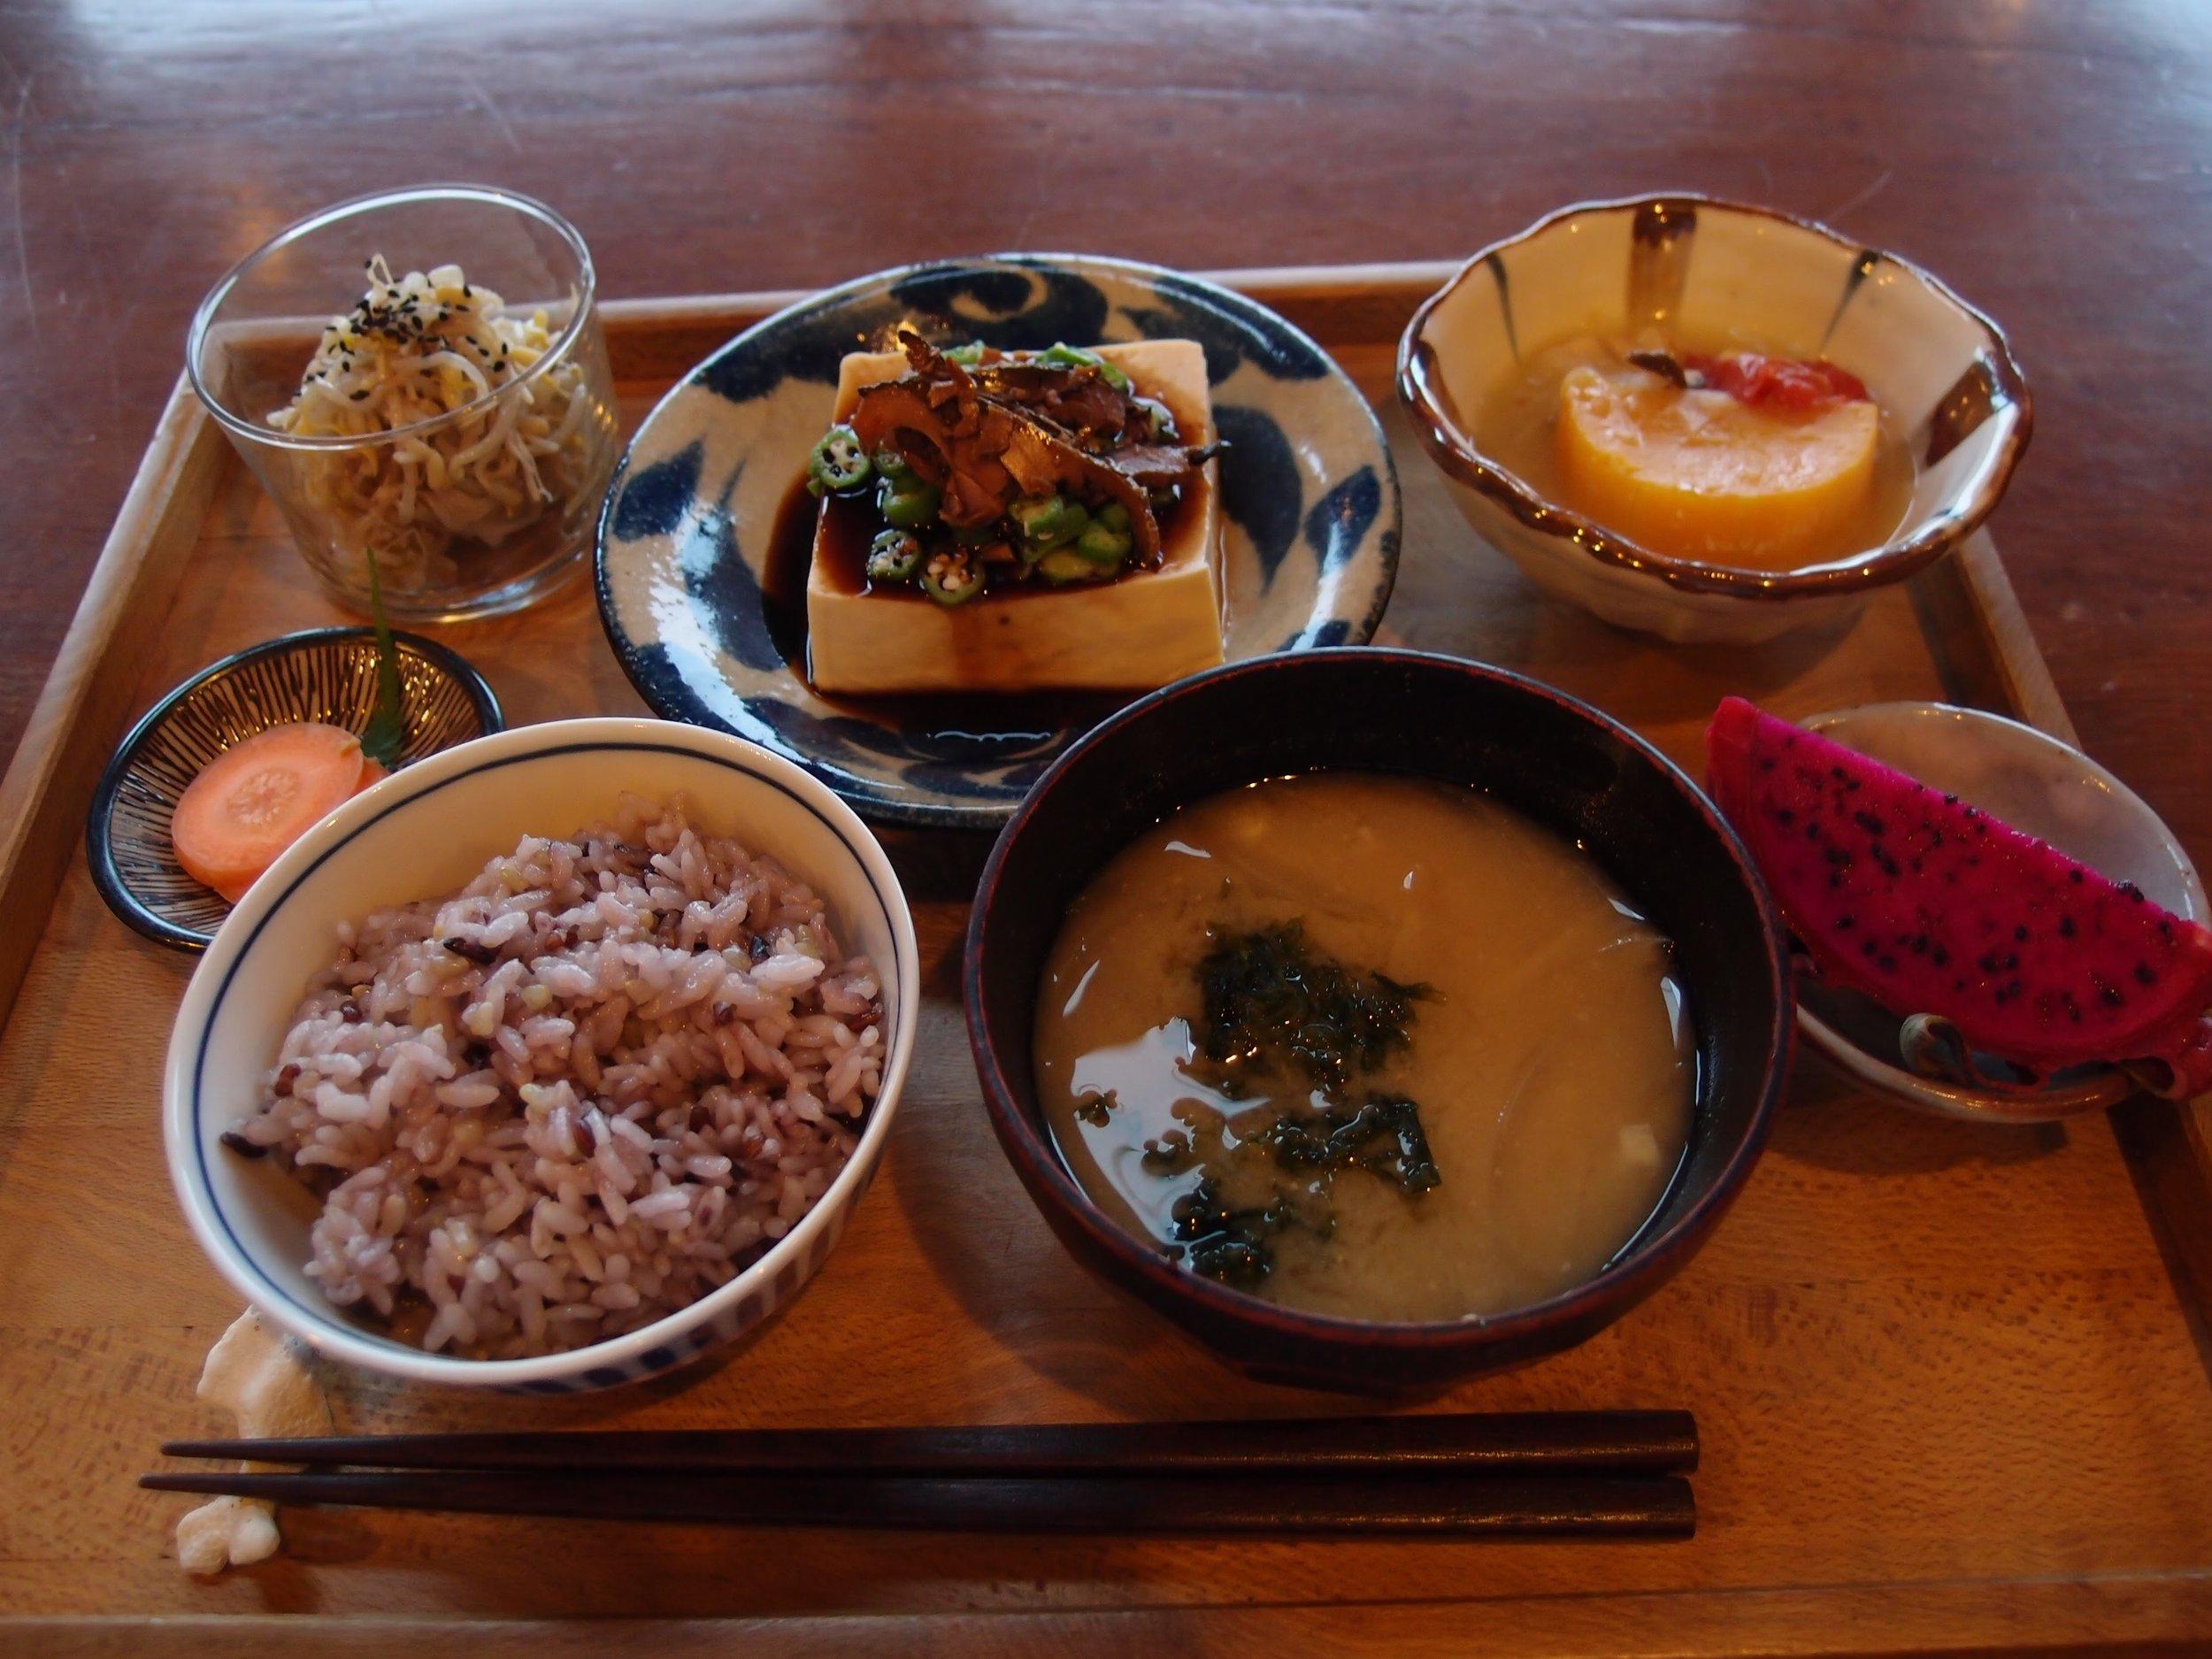 毎回おかわりをさせてもらったタクゾーさんによる朝ごはん。この日は屋久島名物の鯖節が冷奴に乗っていました。